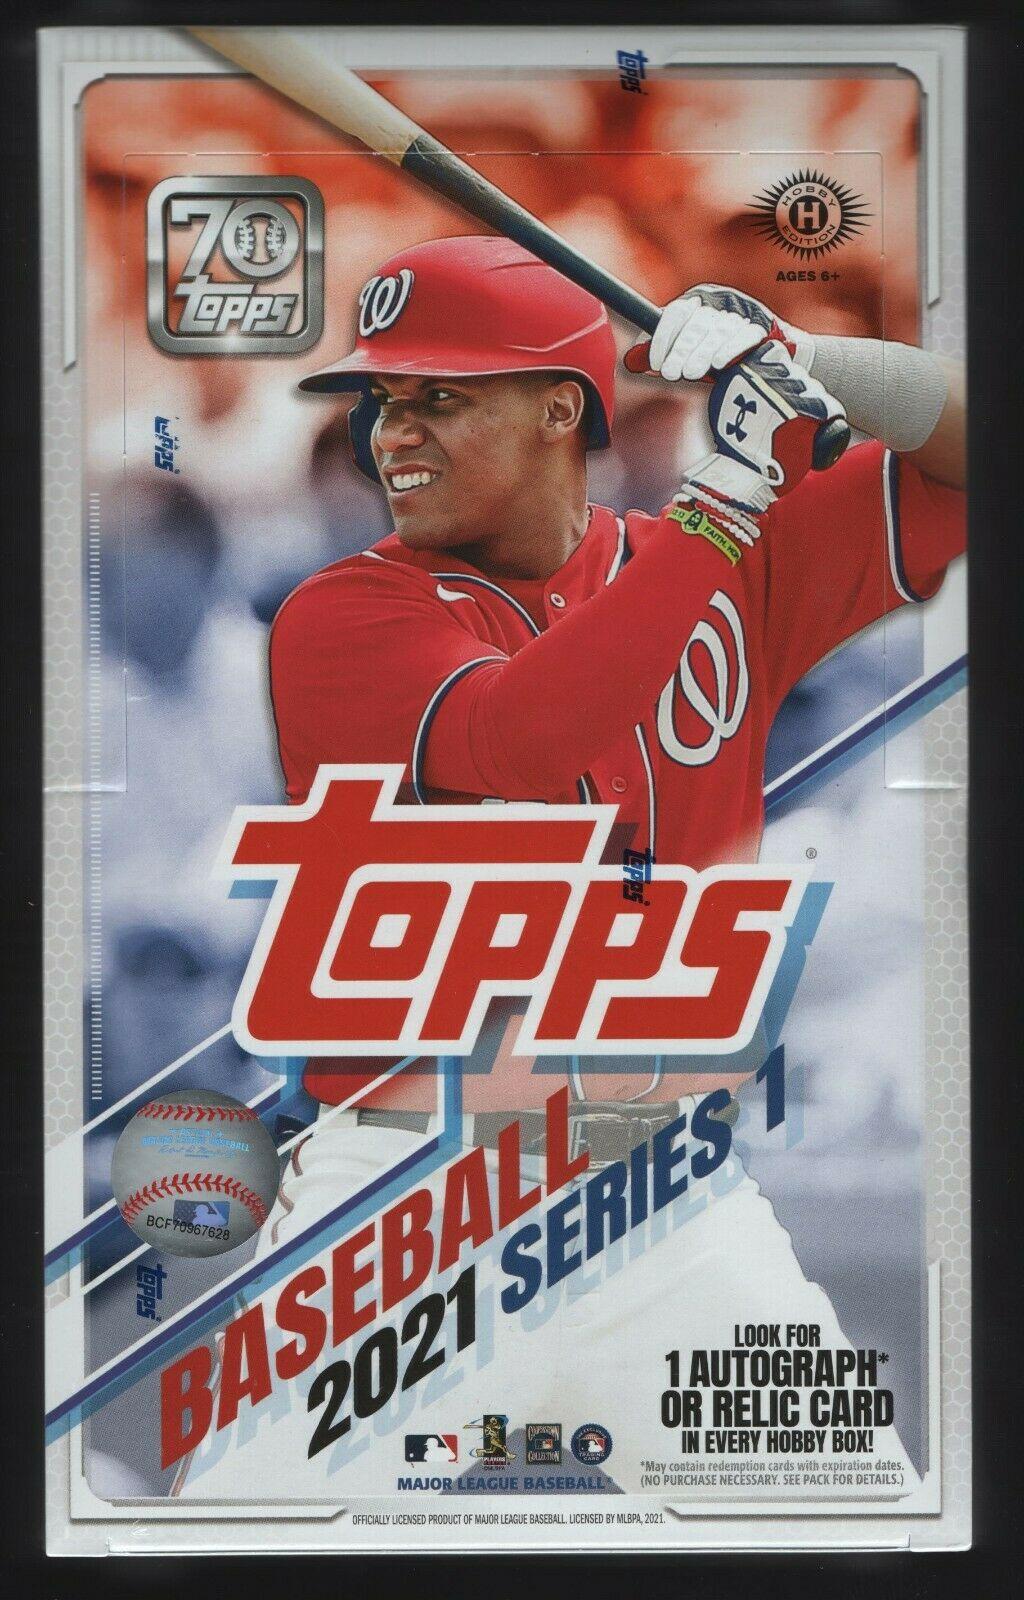 2021 Topps Baseball Hobby Box Series 1